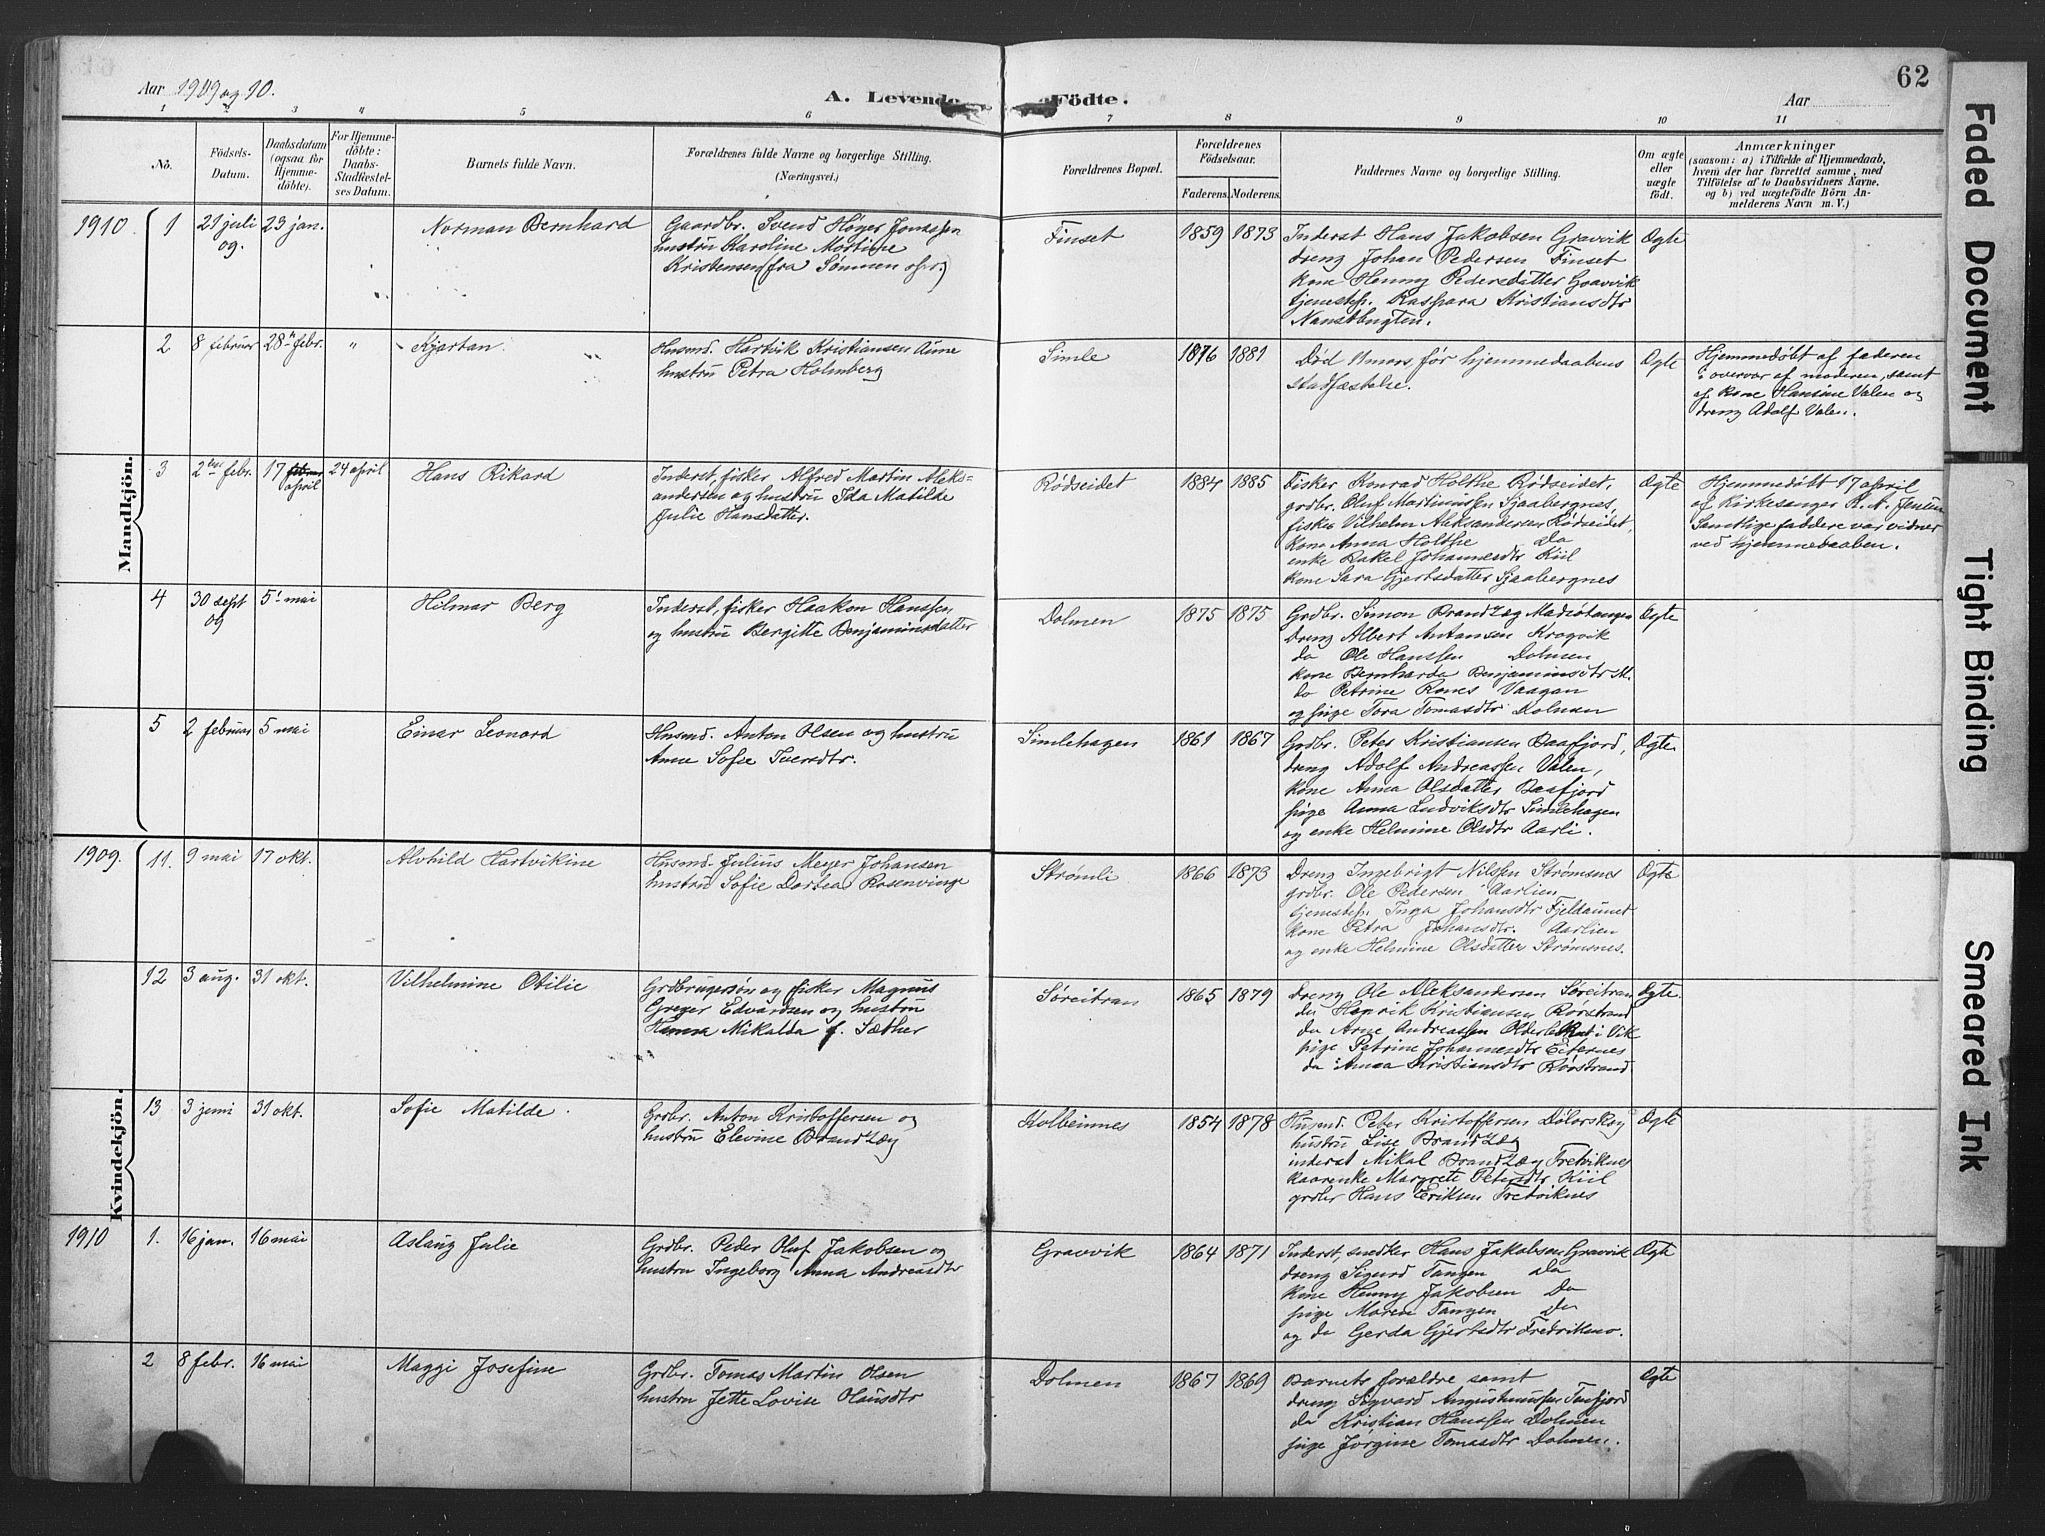 SAT, Ministerialprotokoller, klokkerbøker og fødselsregistre - Nord-Trøndelag, 789/L0706: Klokkerbok nr. 789C01, 1888-1931, s. 62